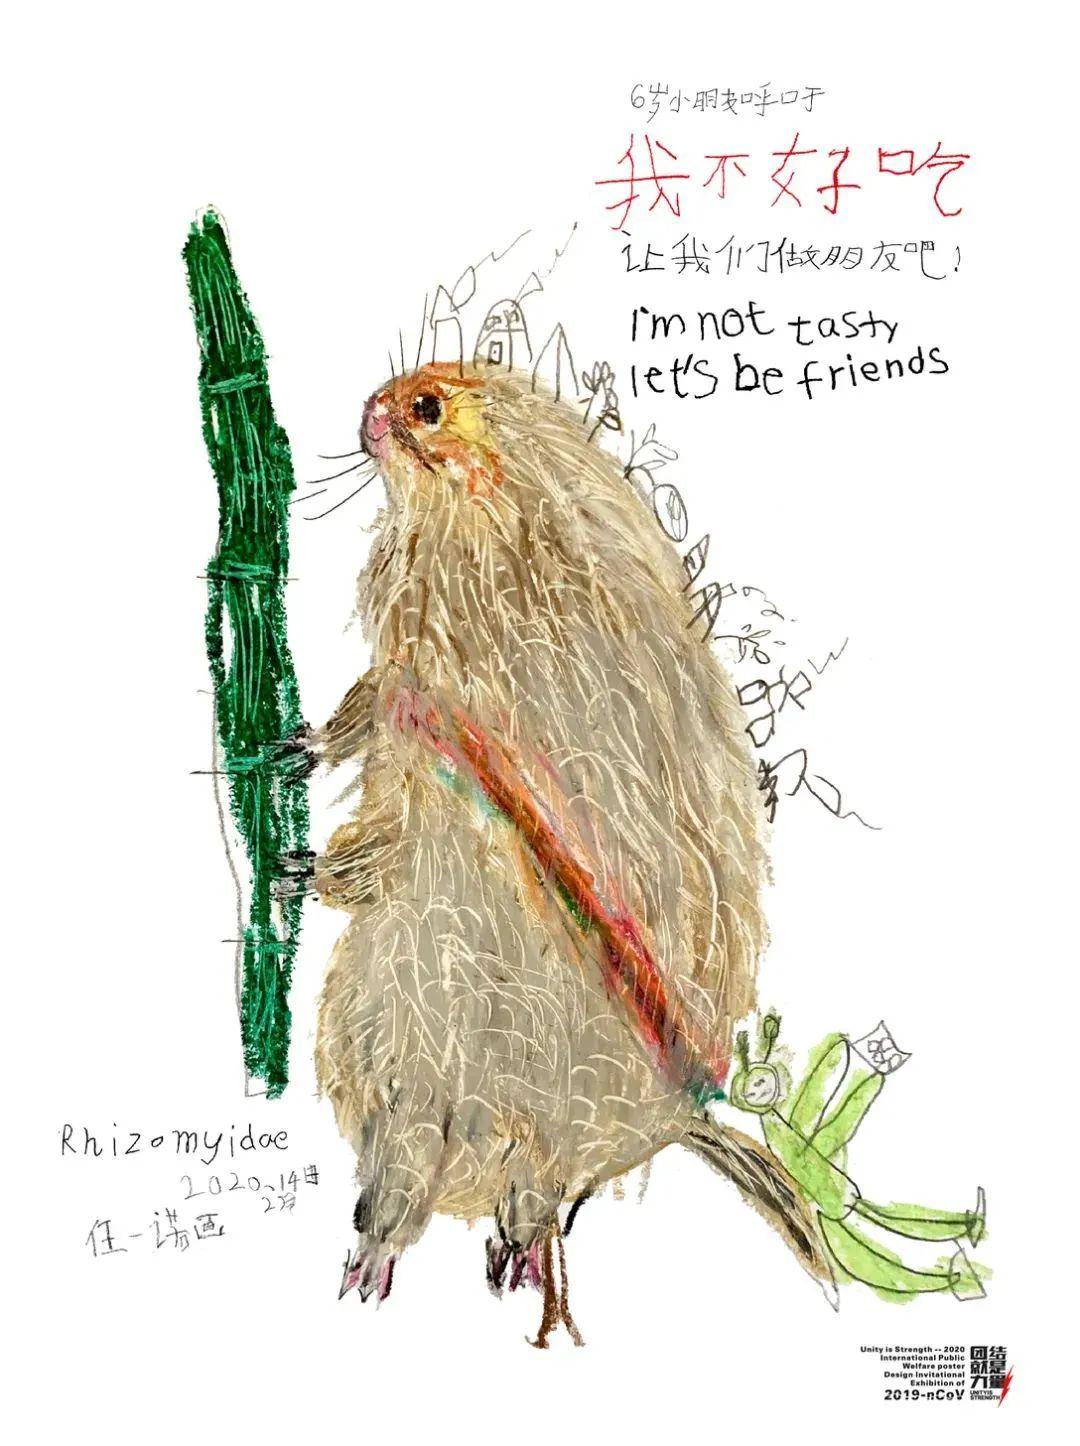 6岁蒙古族小设计师用插画拯救野生动物,为抗疫助力! 第22张